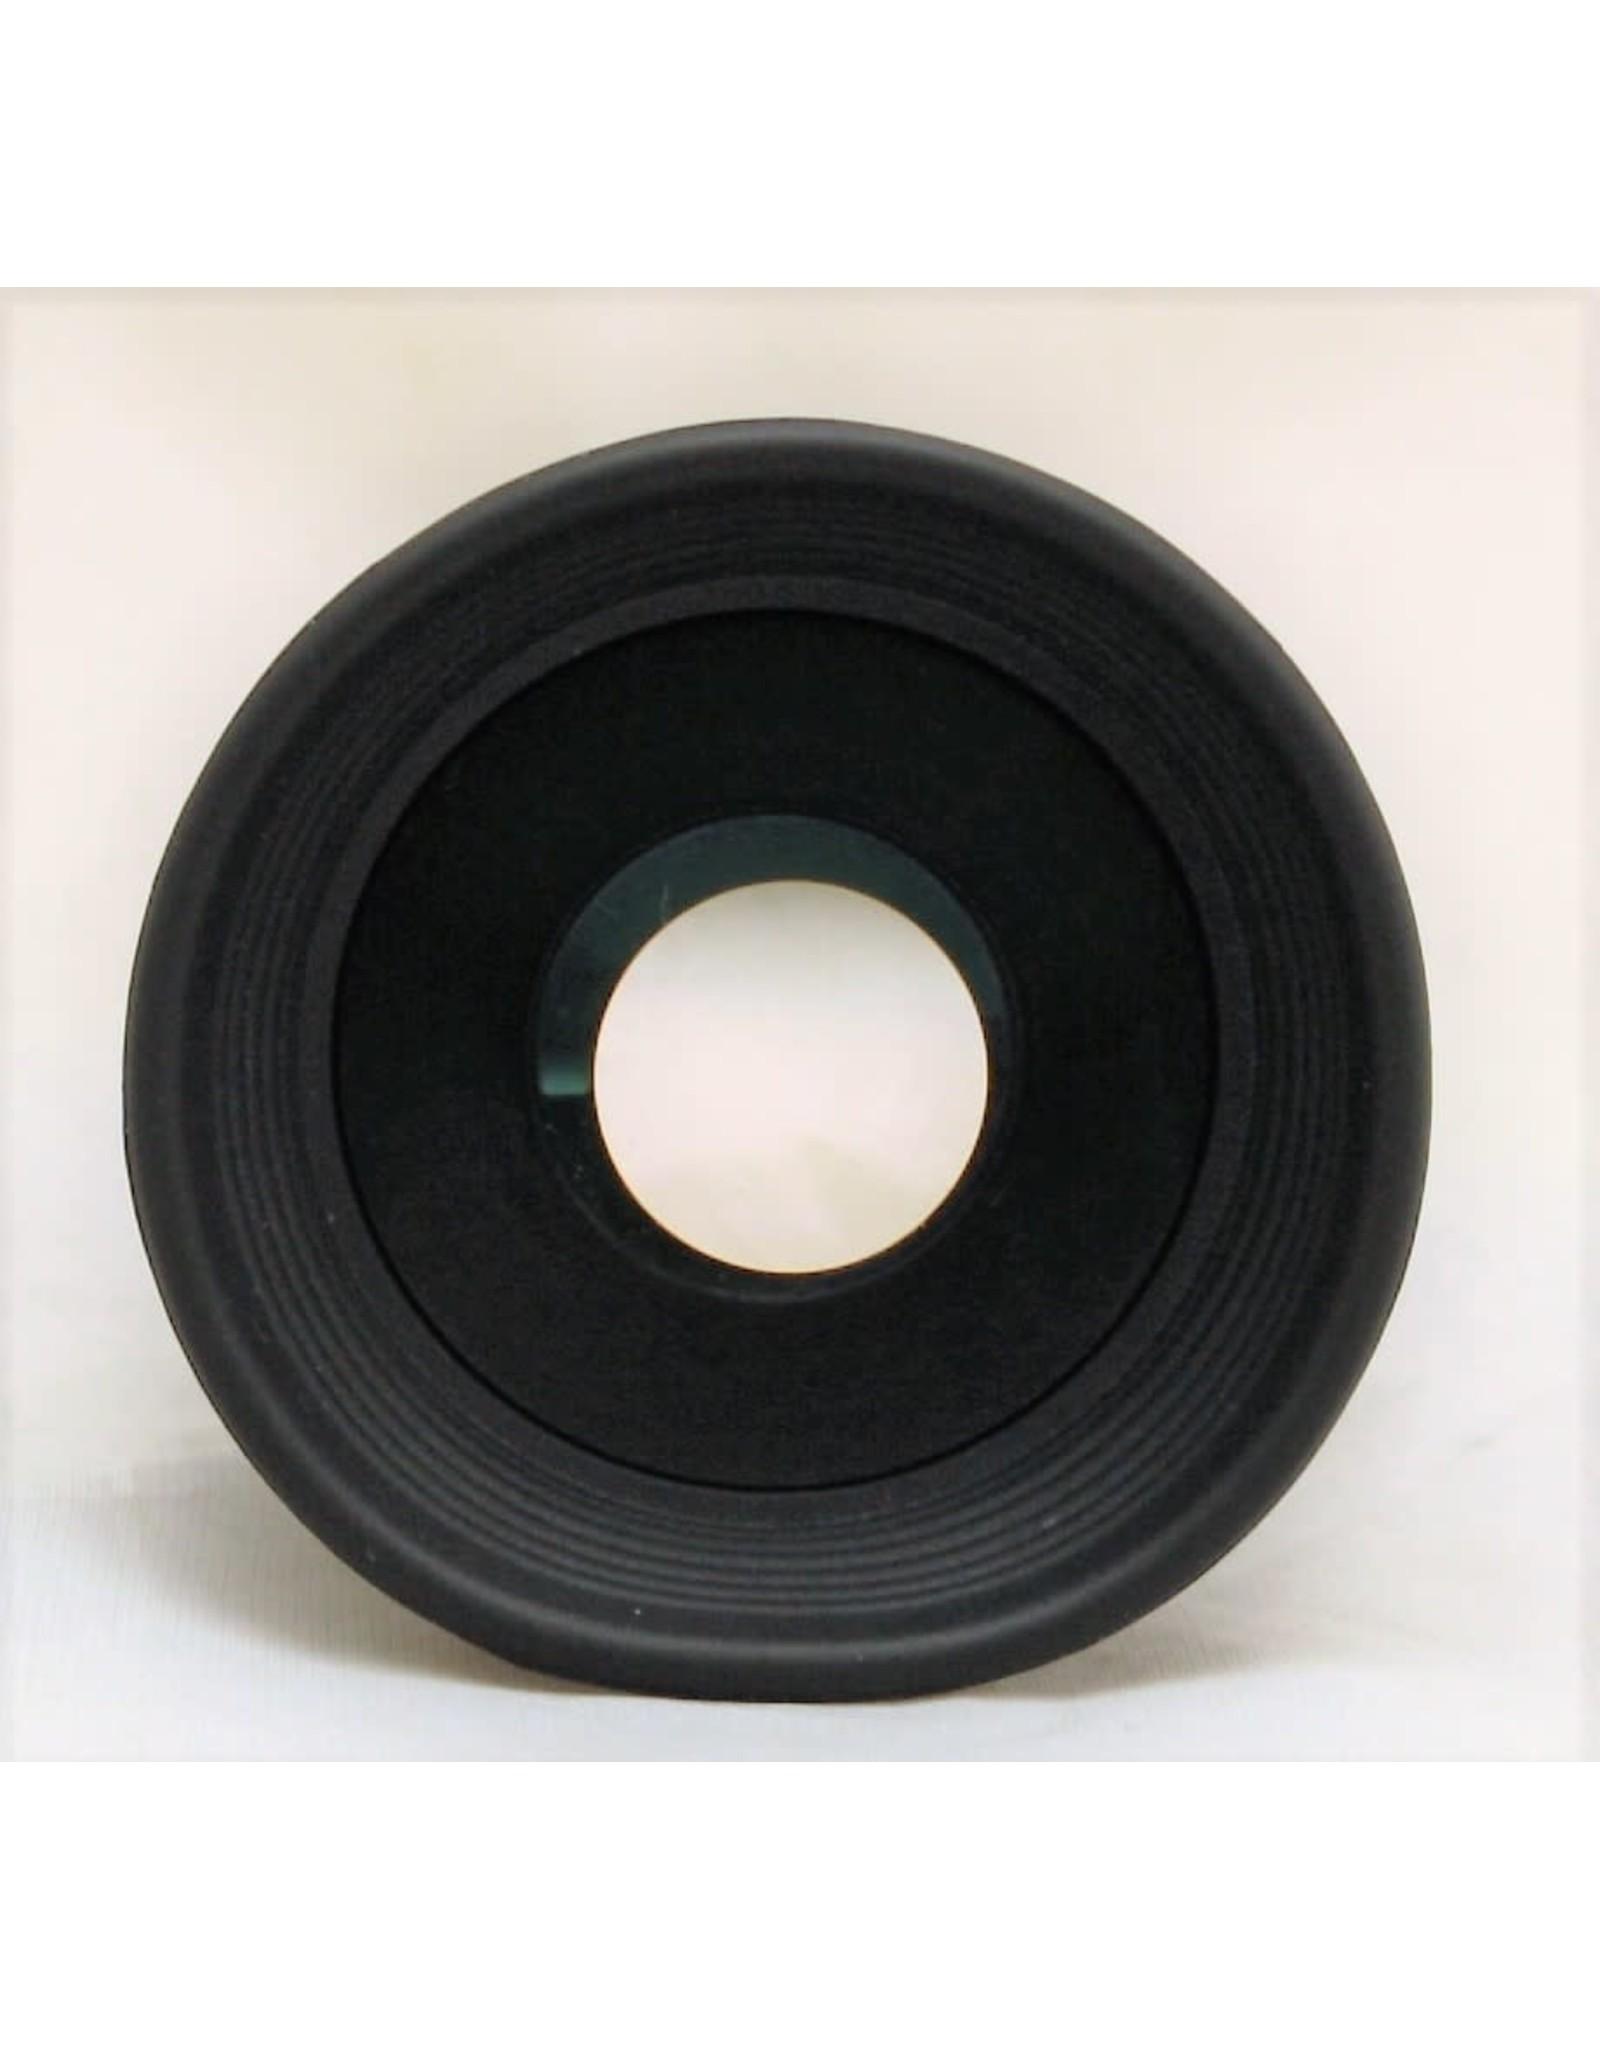 Arcturus WA 12mm FOV 60 Degrees (1.25)